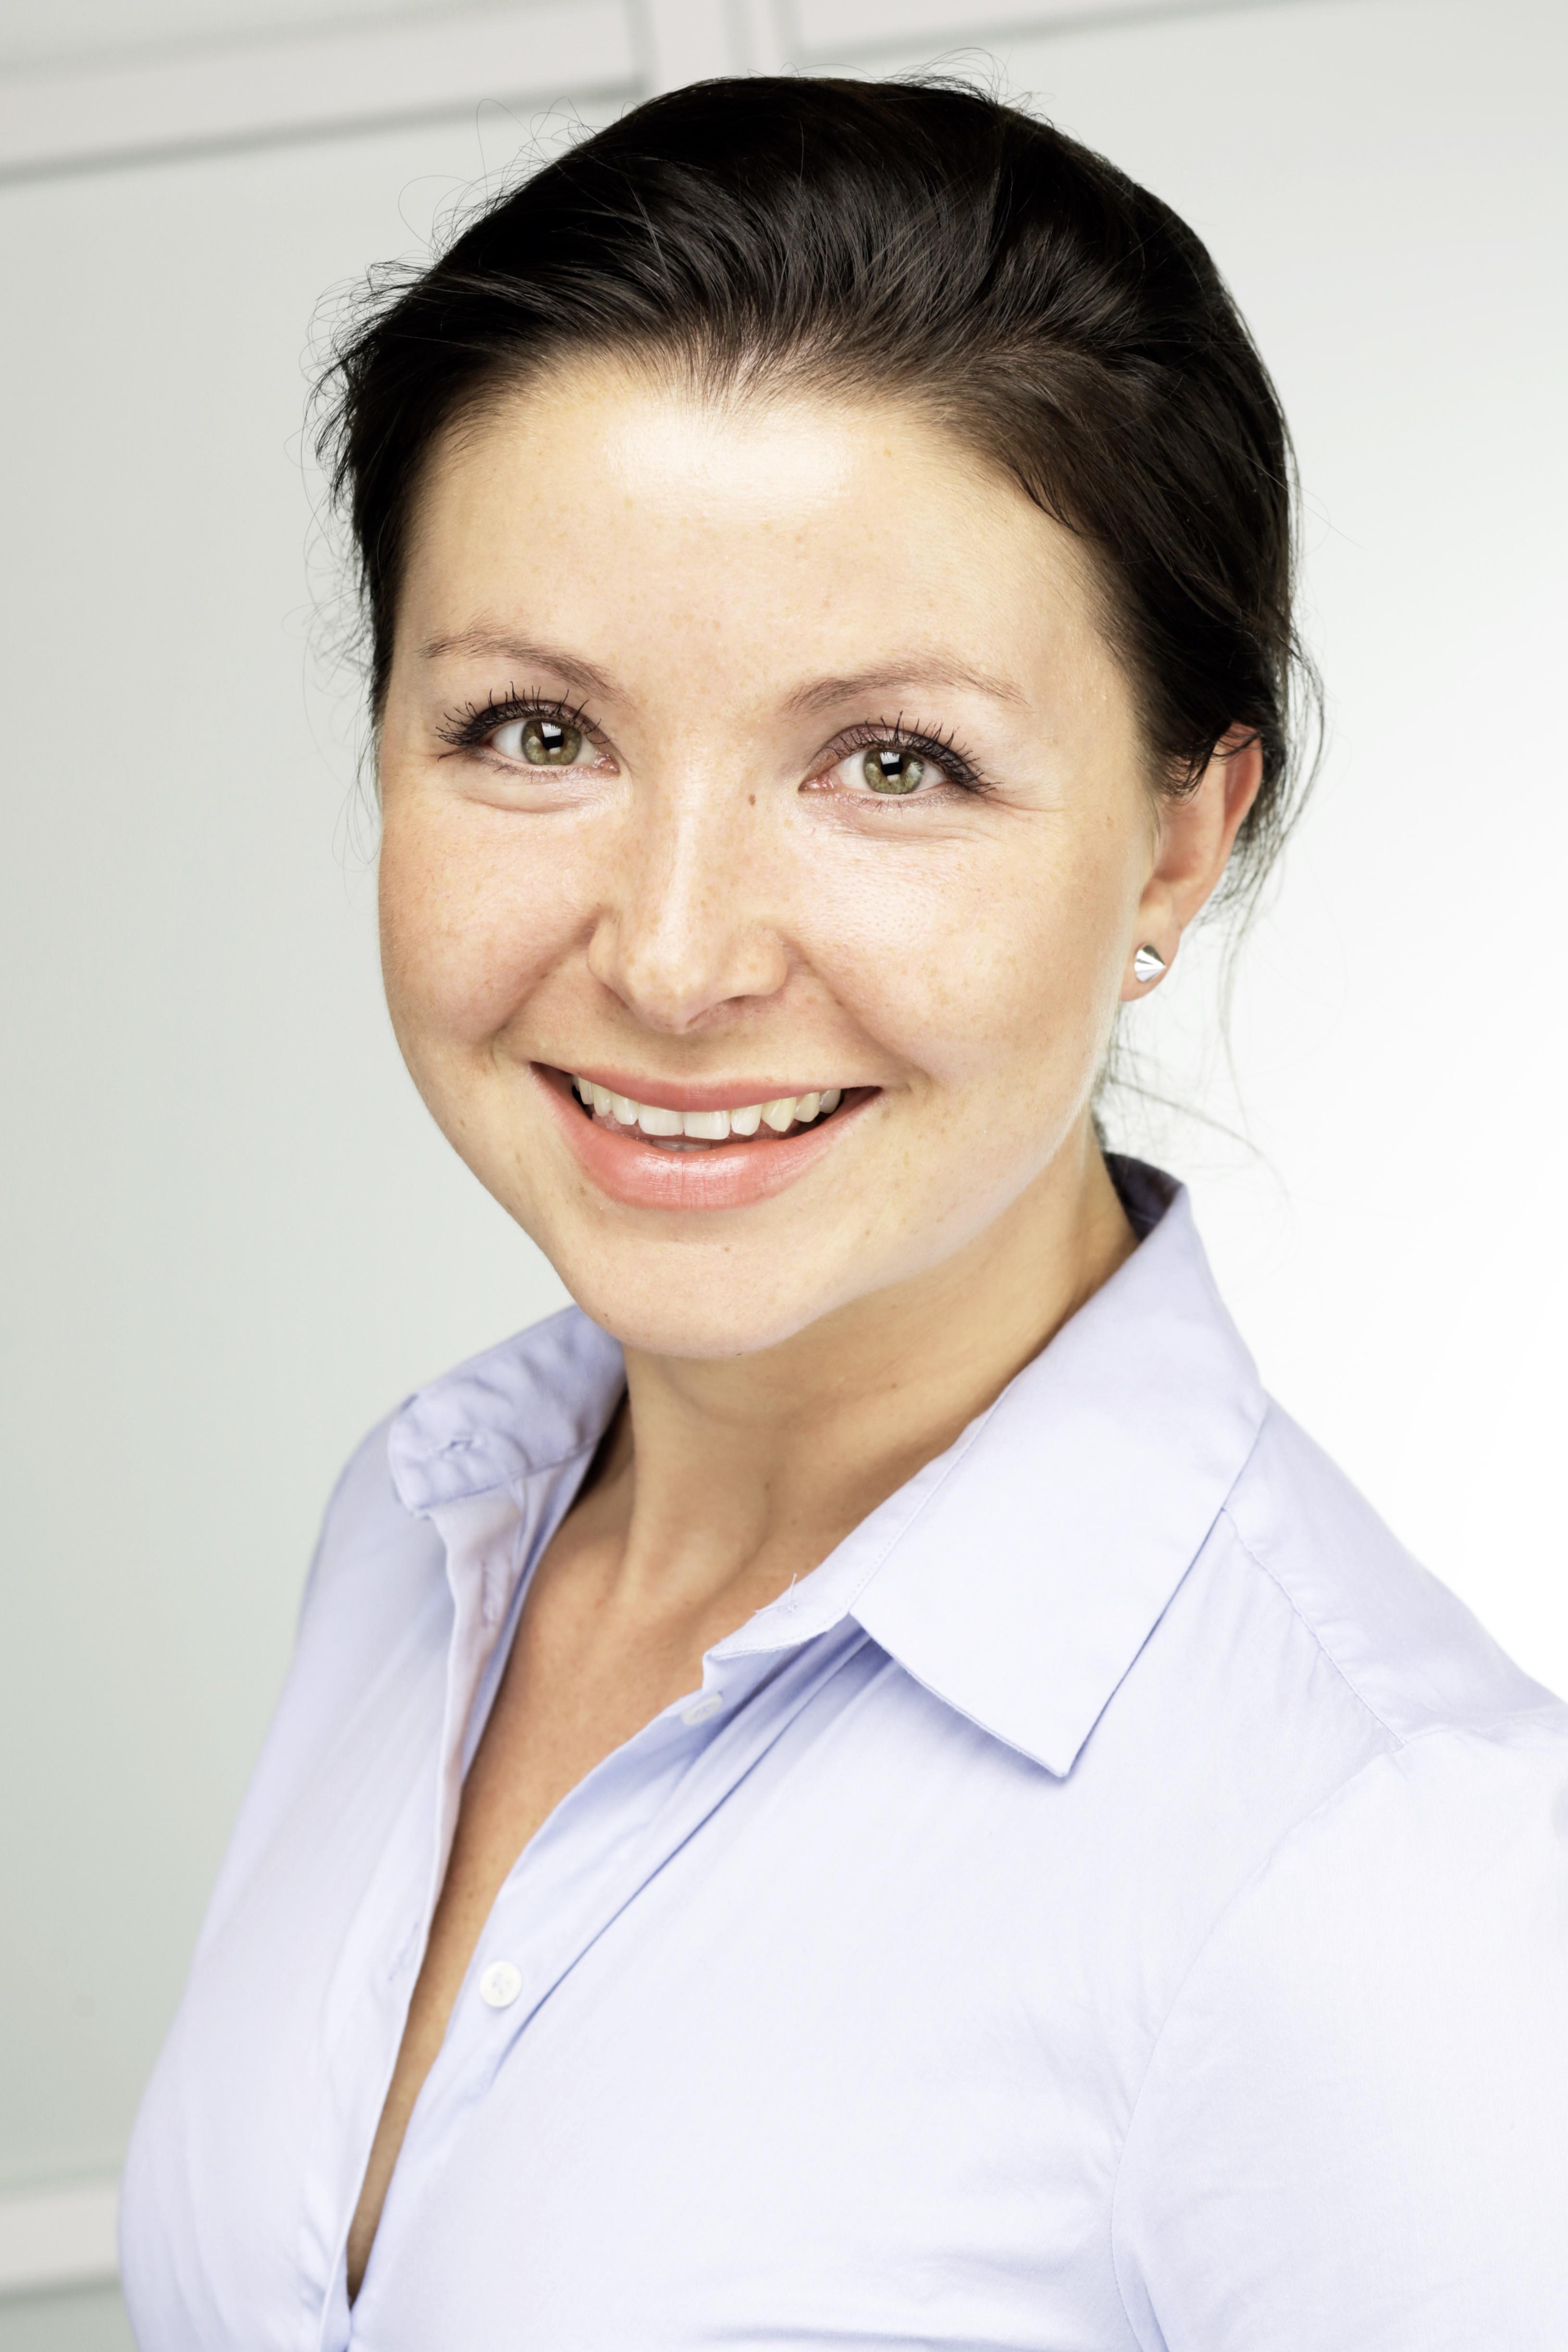 Franziska Burkard